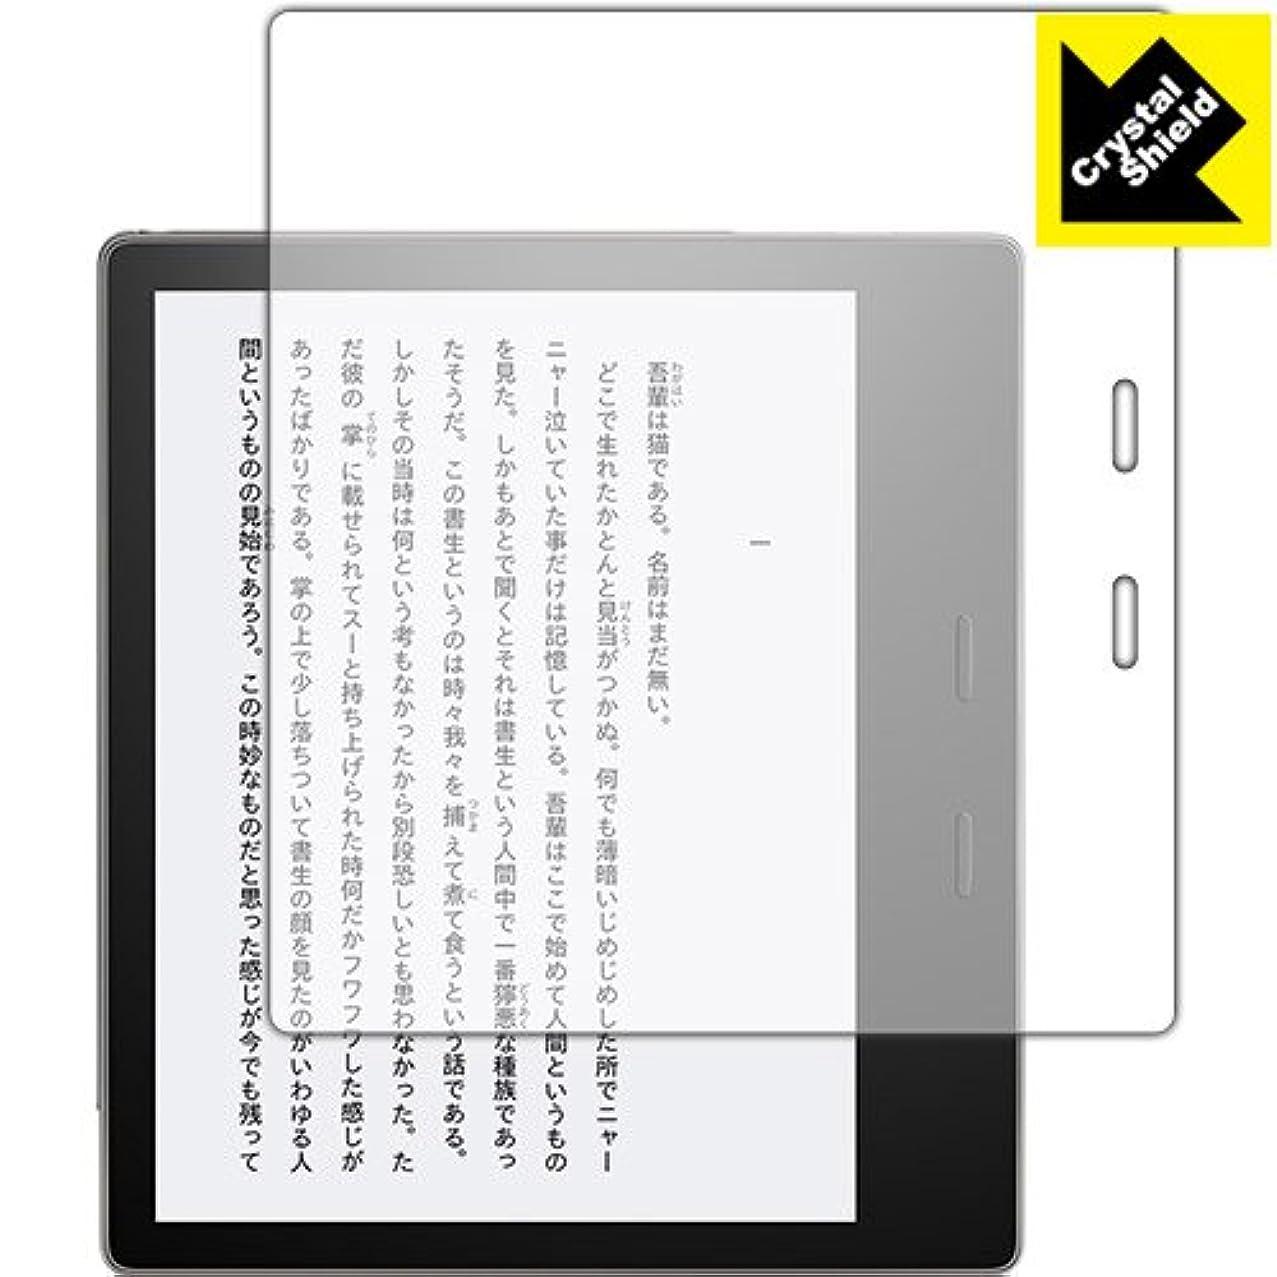 軽蔑する極めて重要な遷移PDA工房 防気泡?フッ素防汚コート!光沢保護フィルム『Crystal Shield Kindle Oasis (第9世代?2017年10月発売モデル)』 120PDA60081178